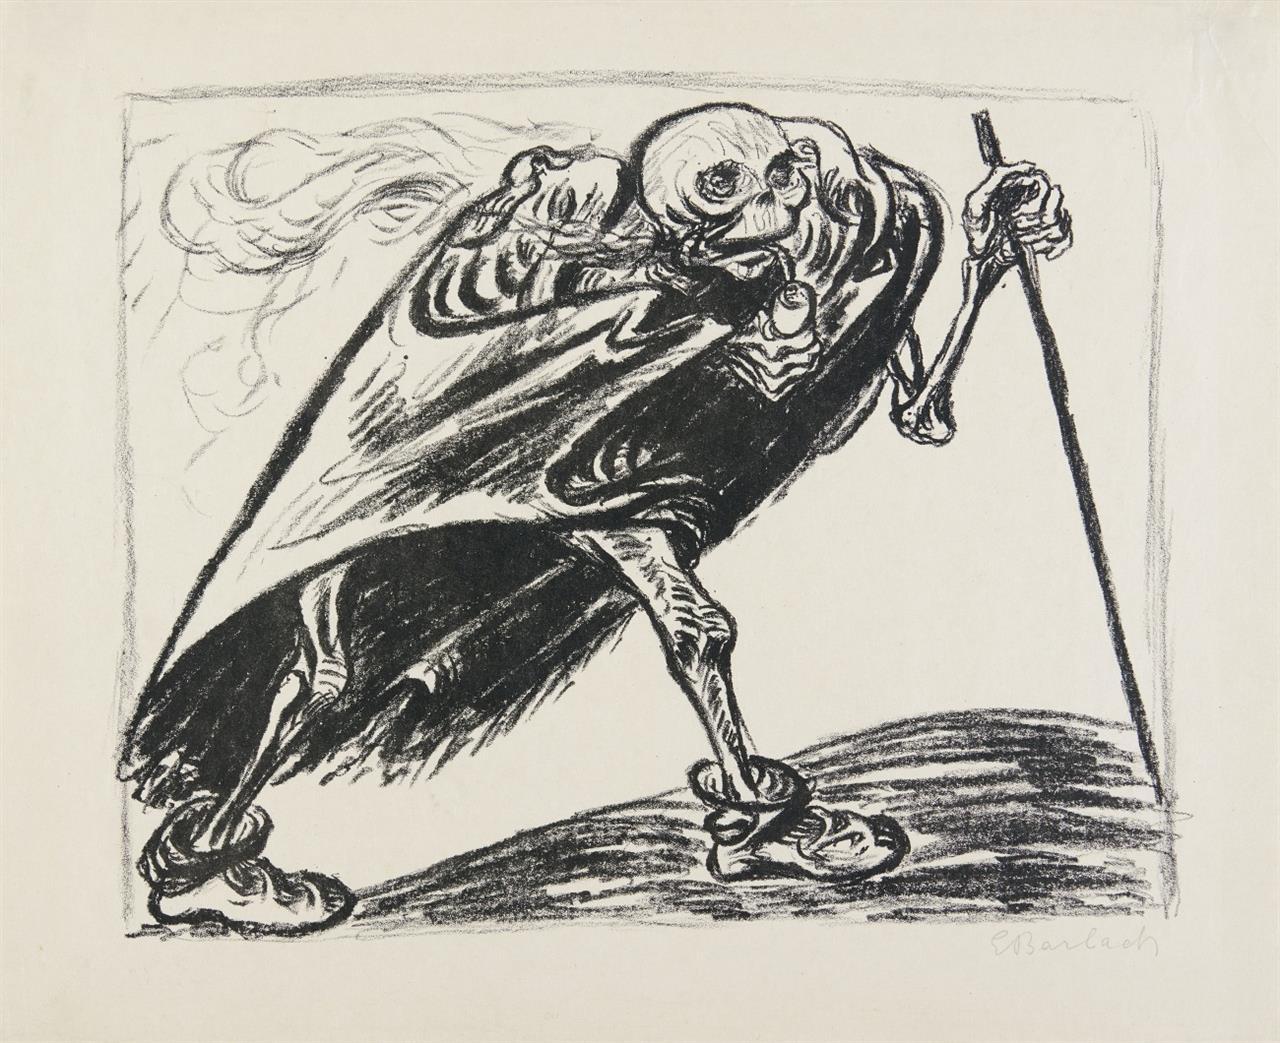 Ernst Barlach. Wandernder Tod. 1923. Lithographie. Eines von 100 signierten Ex. Schult. 225.